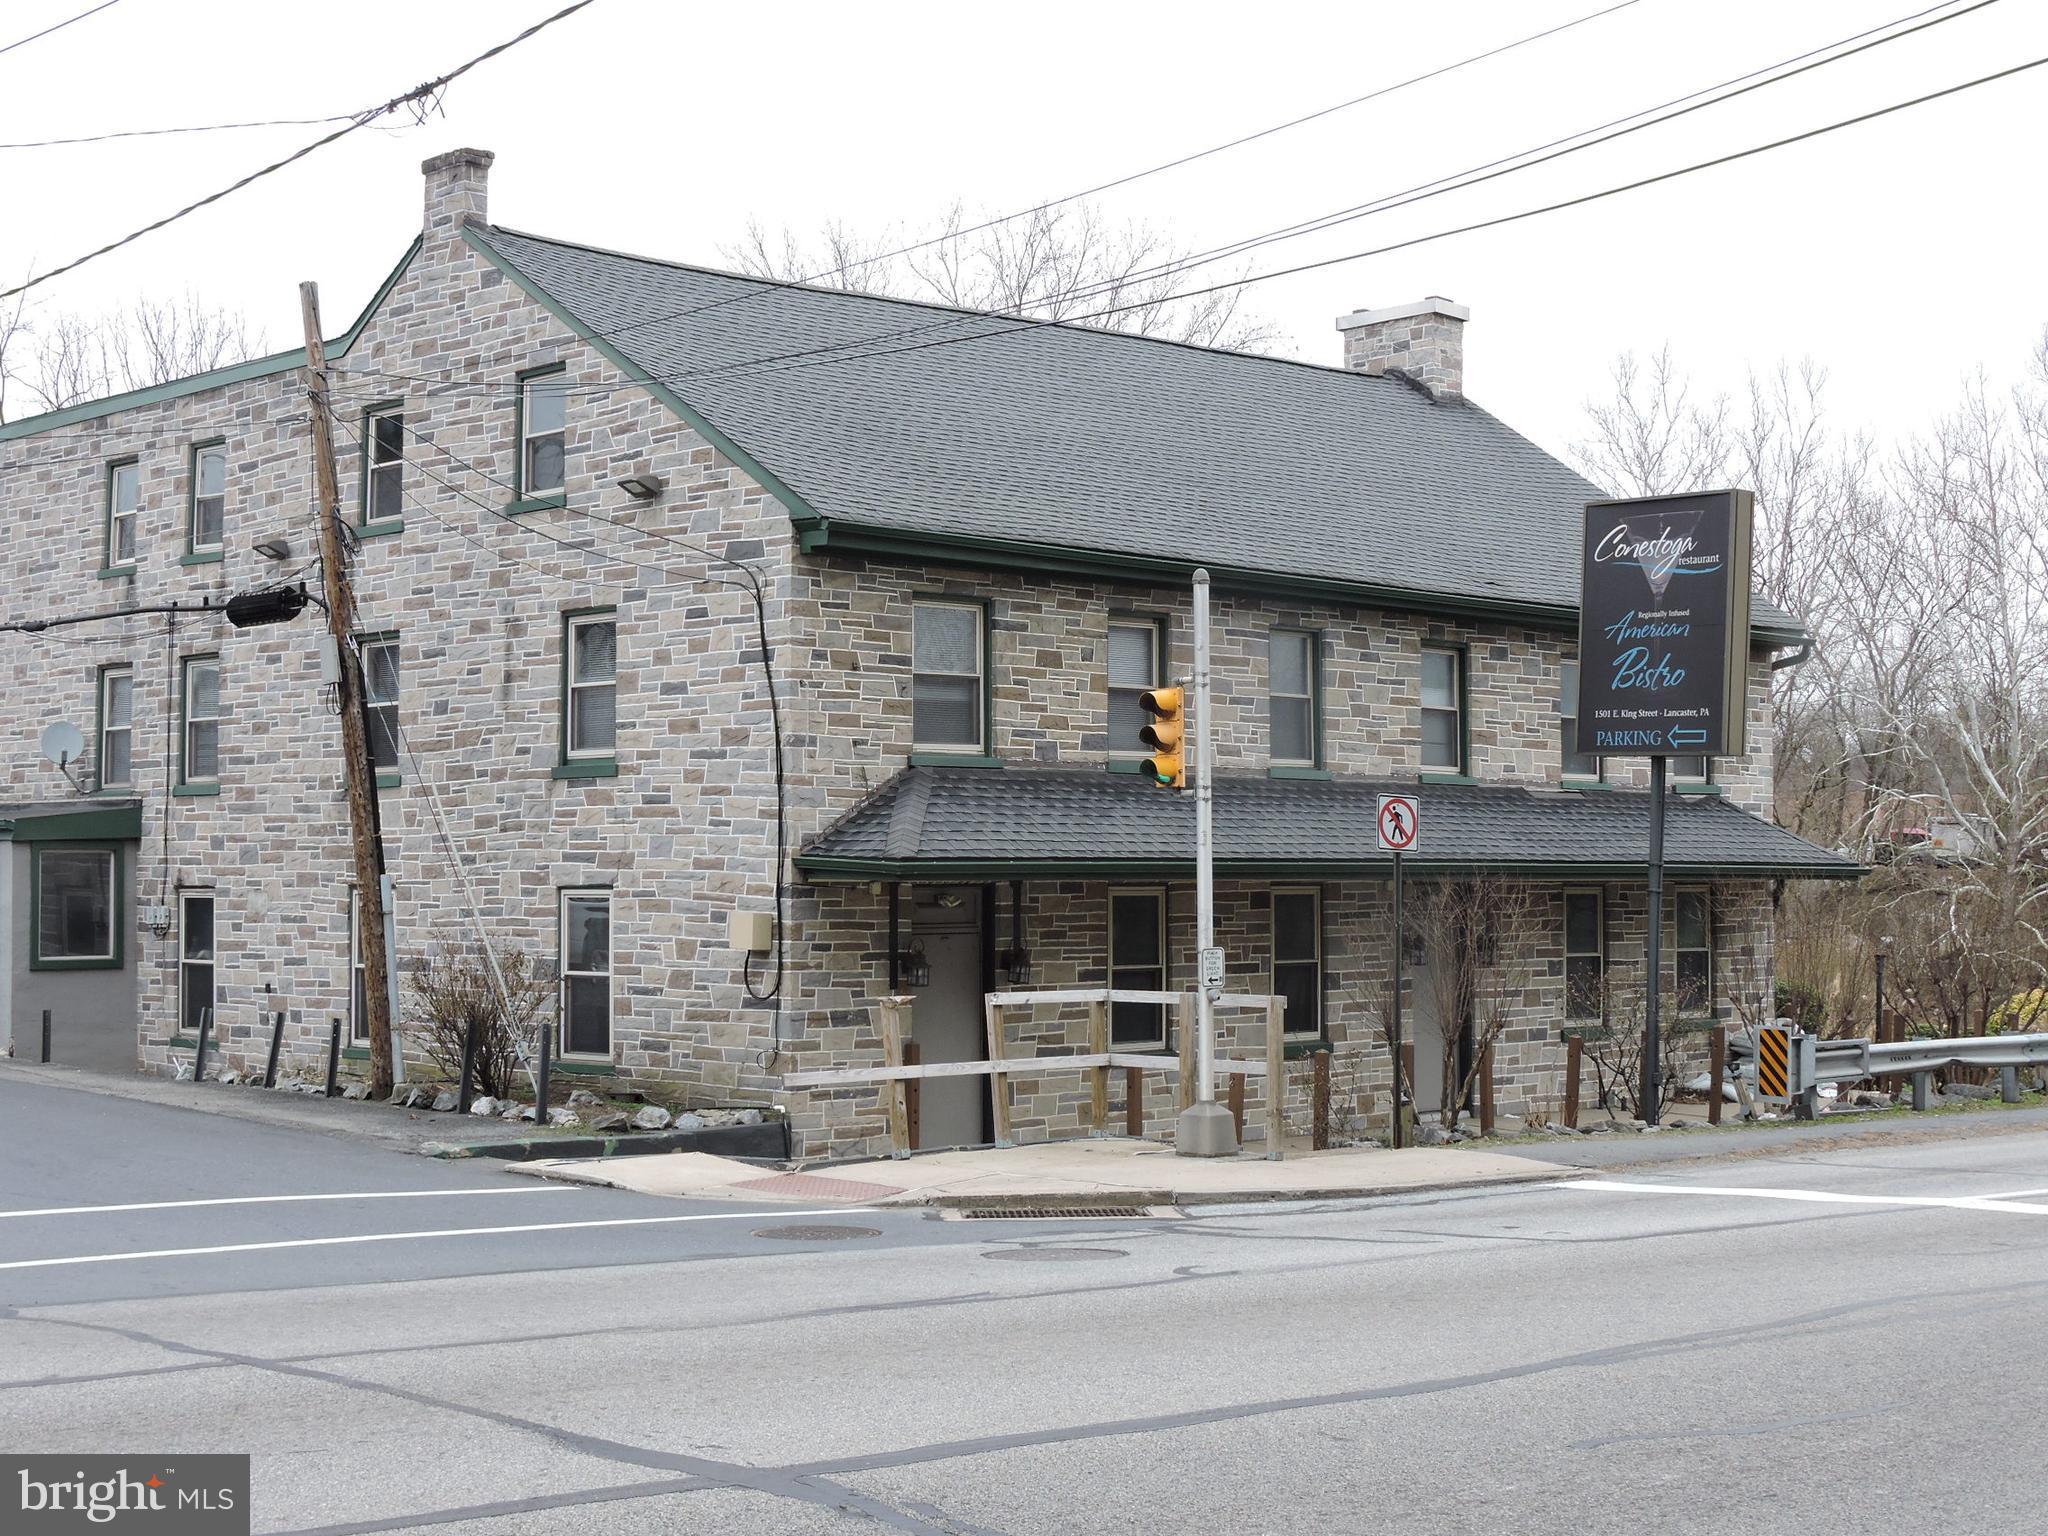 1501 E KING STREET, LANCASTER, PA 17602